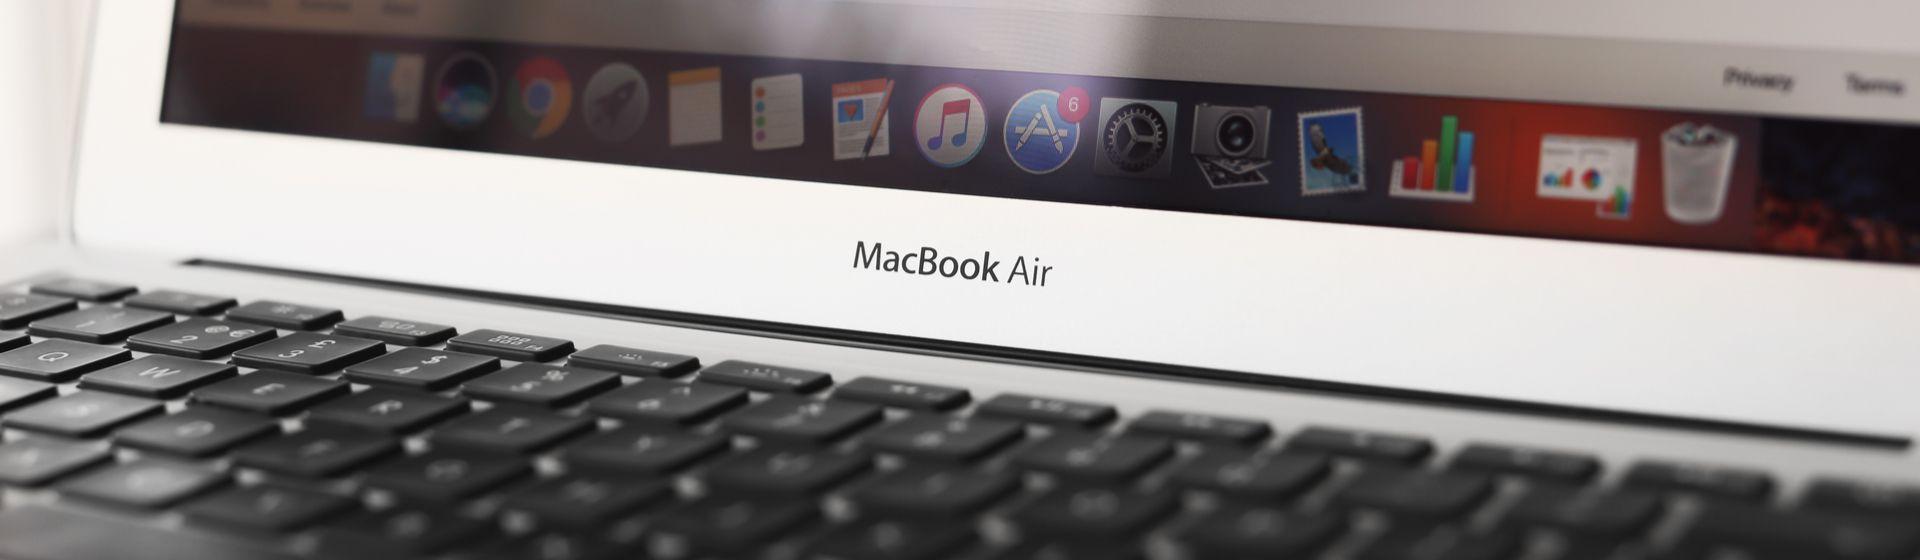 MacBook Air de 2020 chega ao Brasil; veja preço e ficha técnica